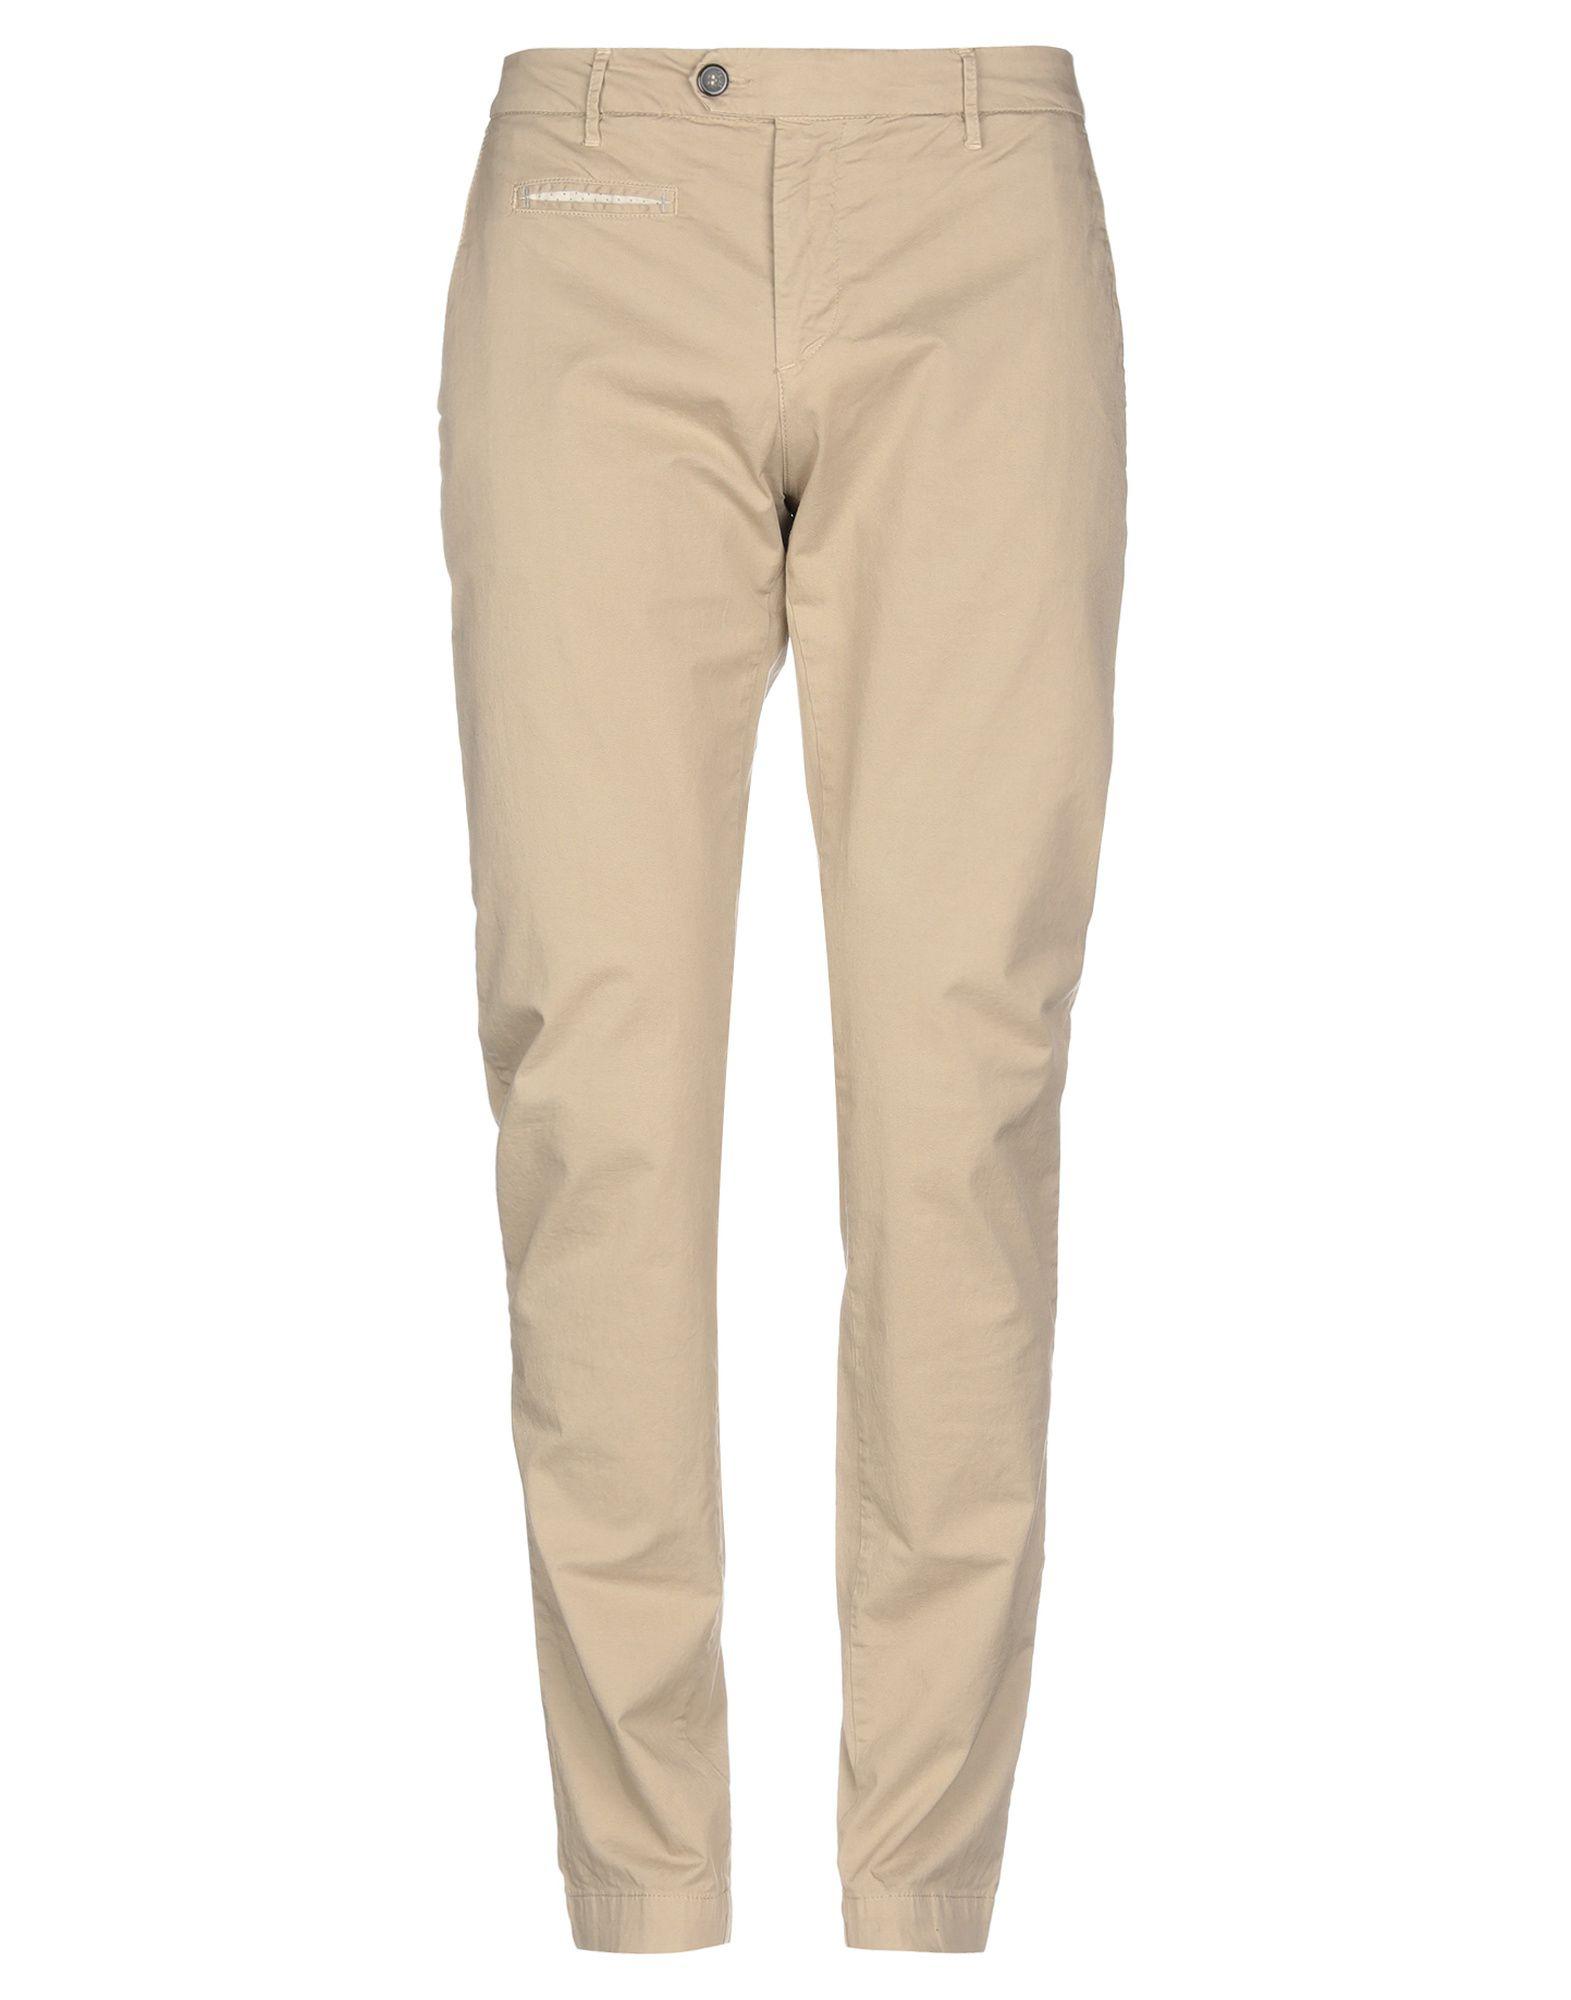 NOVEMB3R Повседневные брюки geedo повседневные брюки весна лето и осень молодежные повседневные брюки мужчины тонкие стрейч жесткие брюки пара 1721 черный 2xl